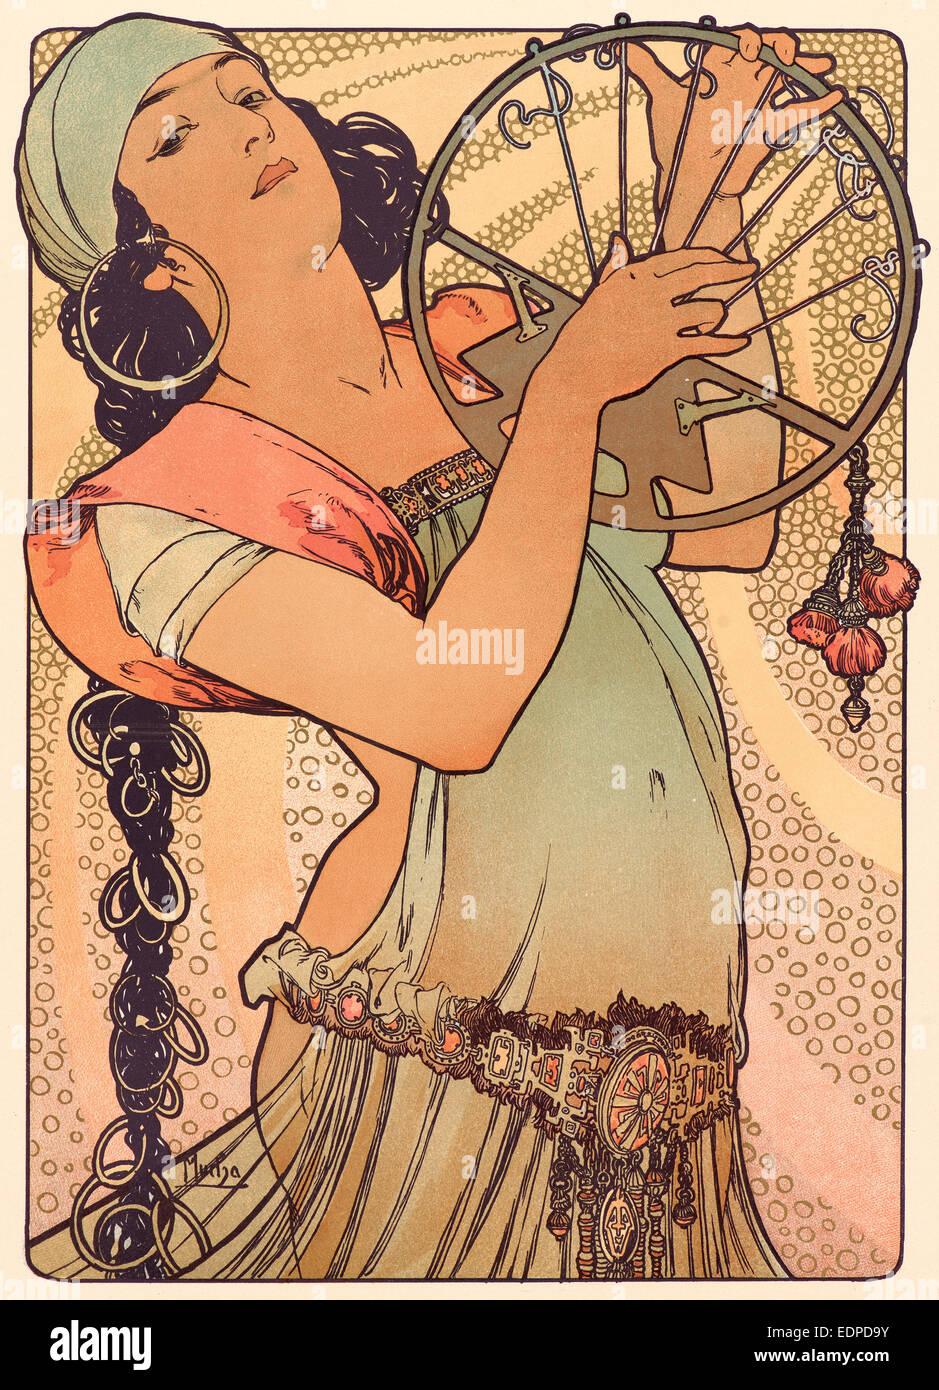 Alphonse Mucha (ceco, 1860 - 1939). Salomé, ca. 1897. Litografia a colori su carta intessuta Immagini Stock